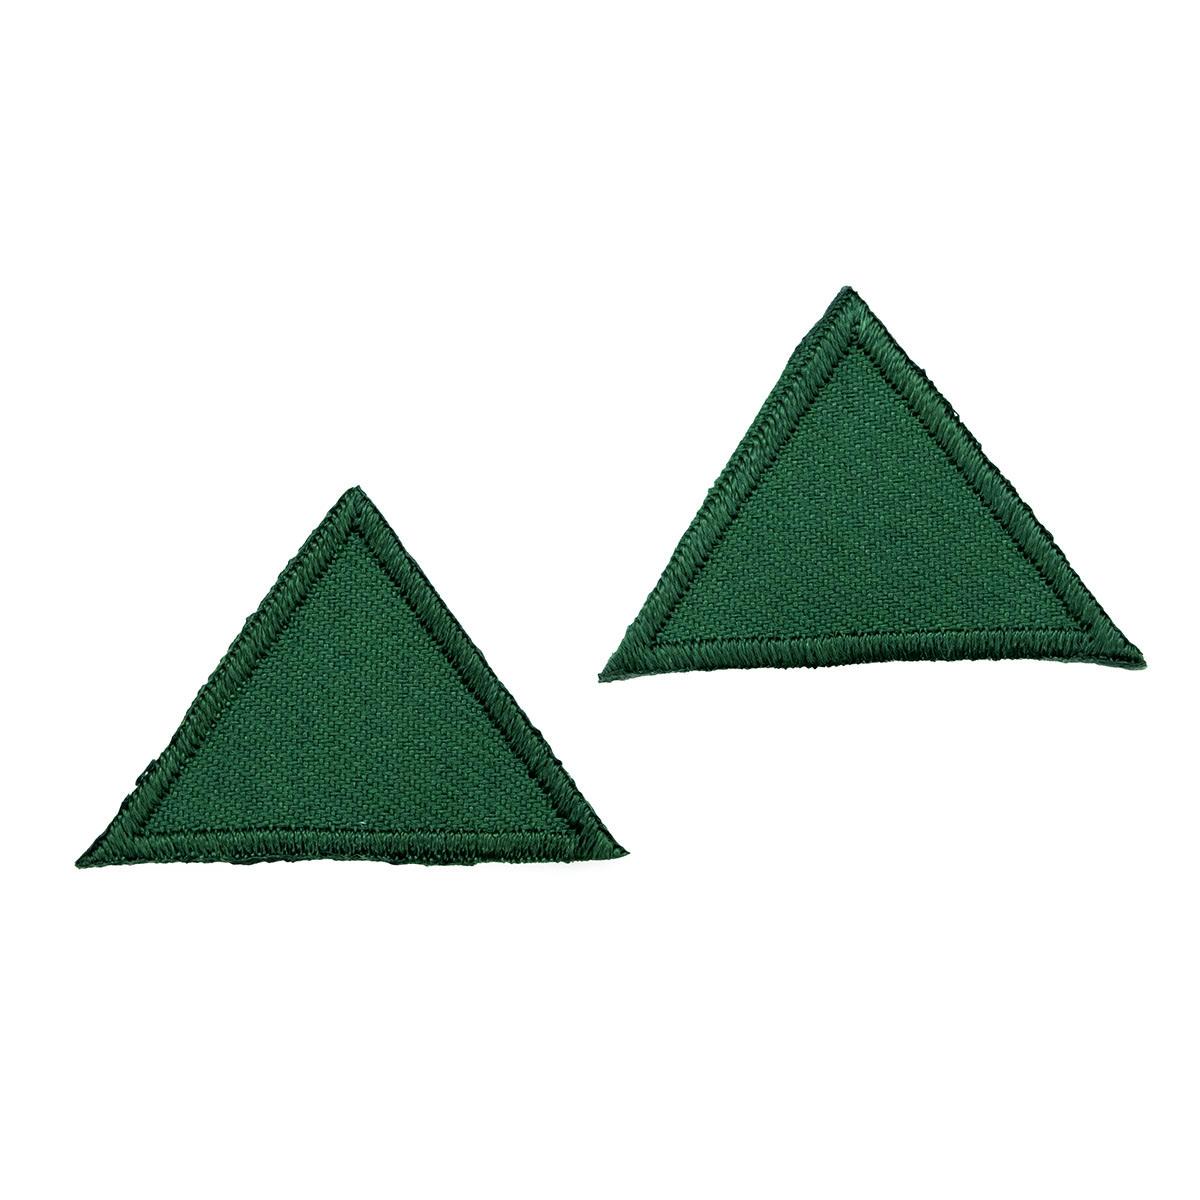 925281 Термоаппликация Треугольник, зеленый, темный цв. Prym